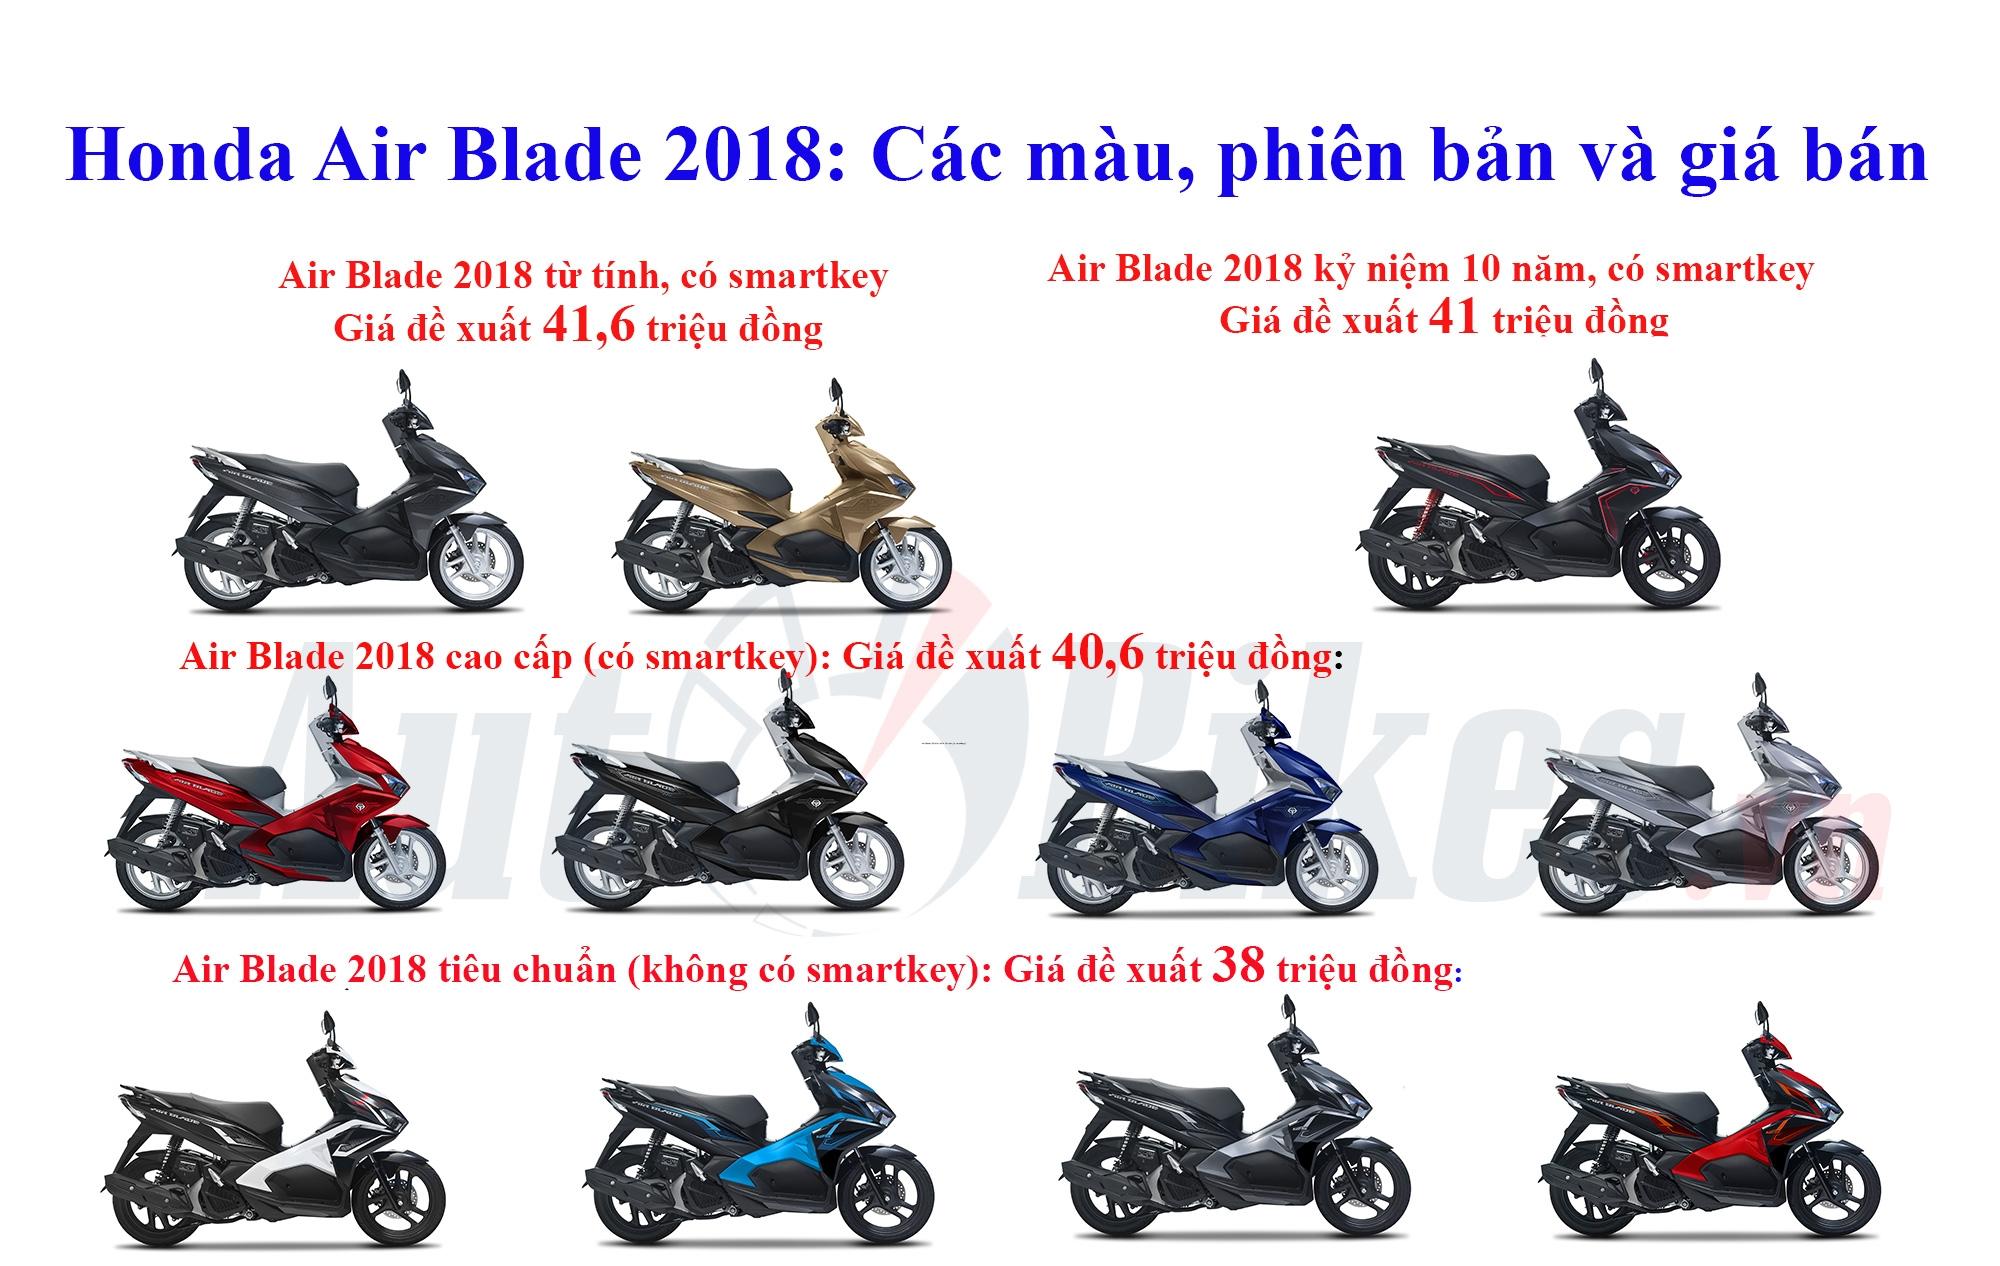 honda air blade 2018 smartkey gia tu 406 trieu dong